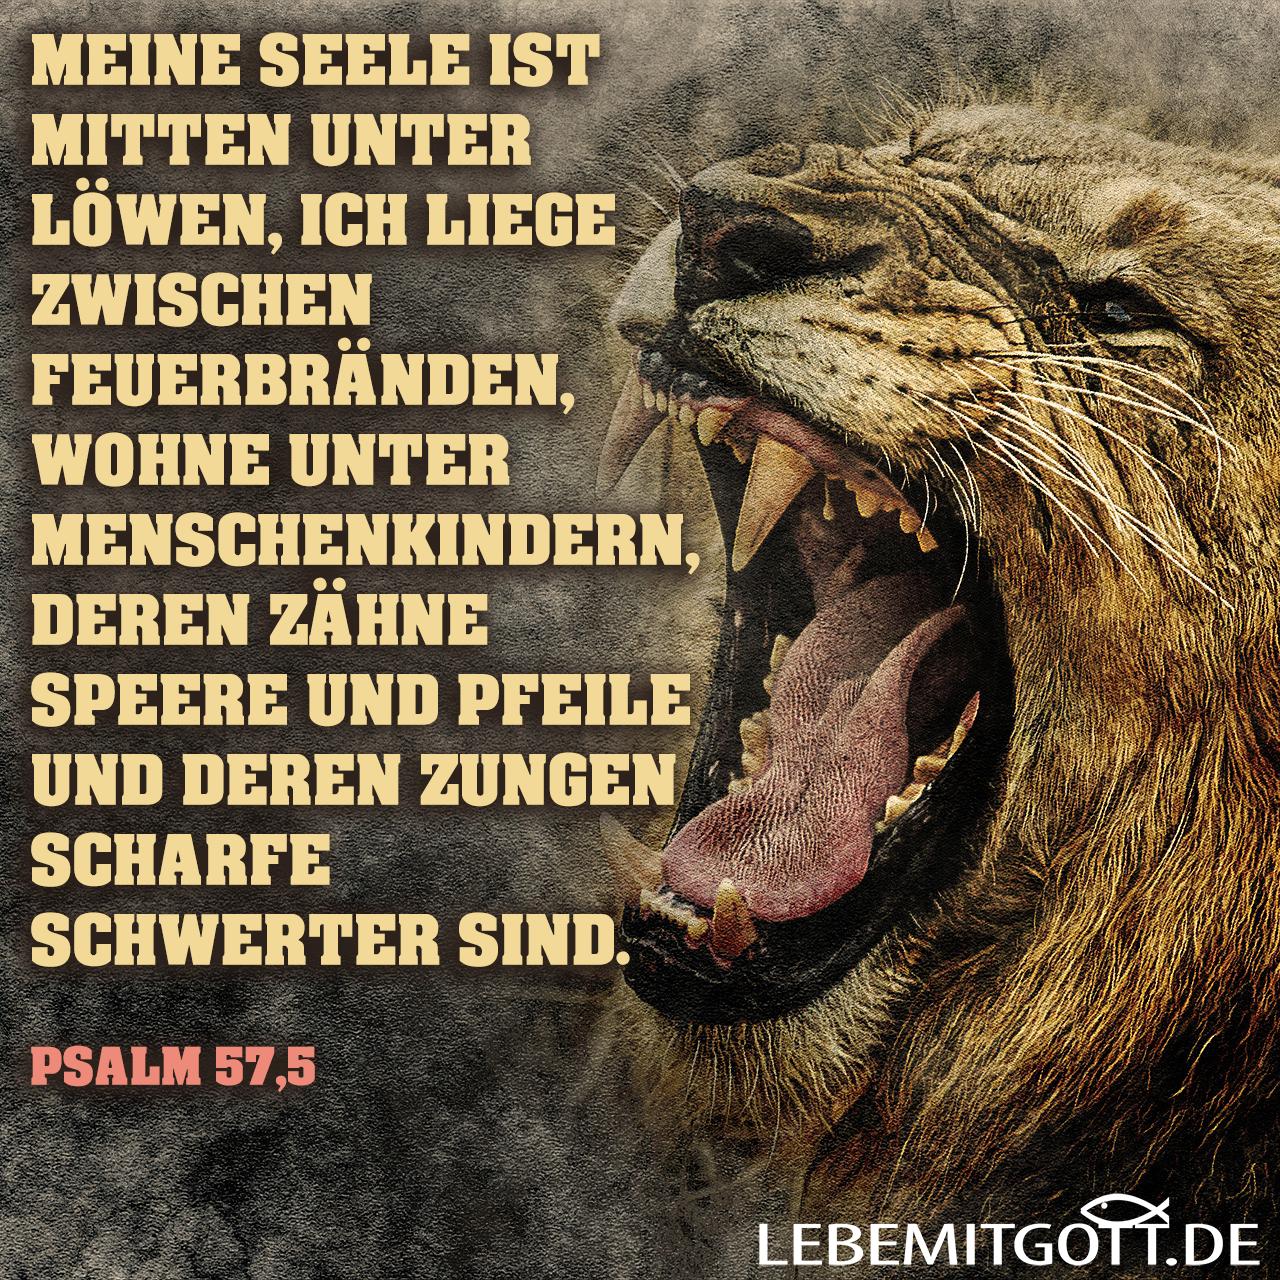 Mitten unter Löwen